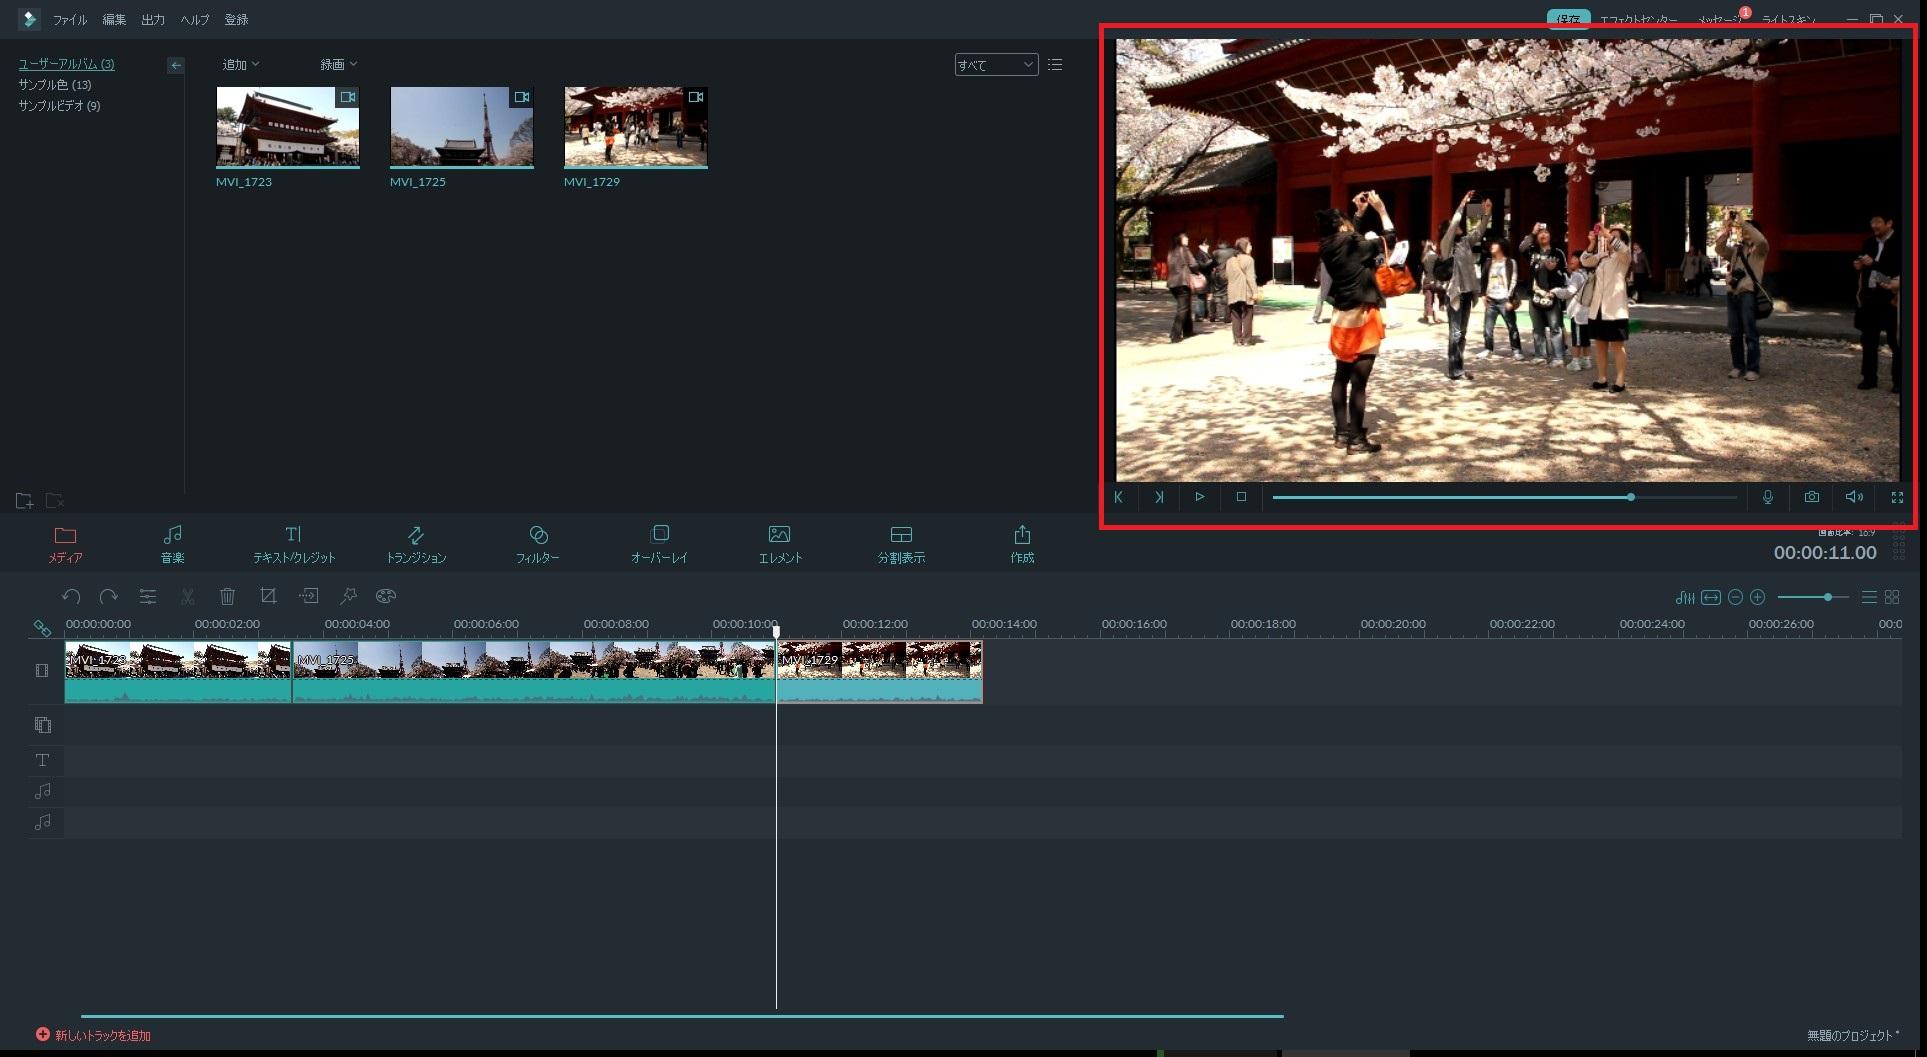 Filmoraのタイムラインを再生する方法